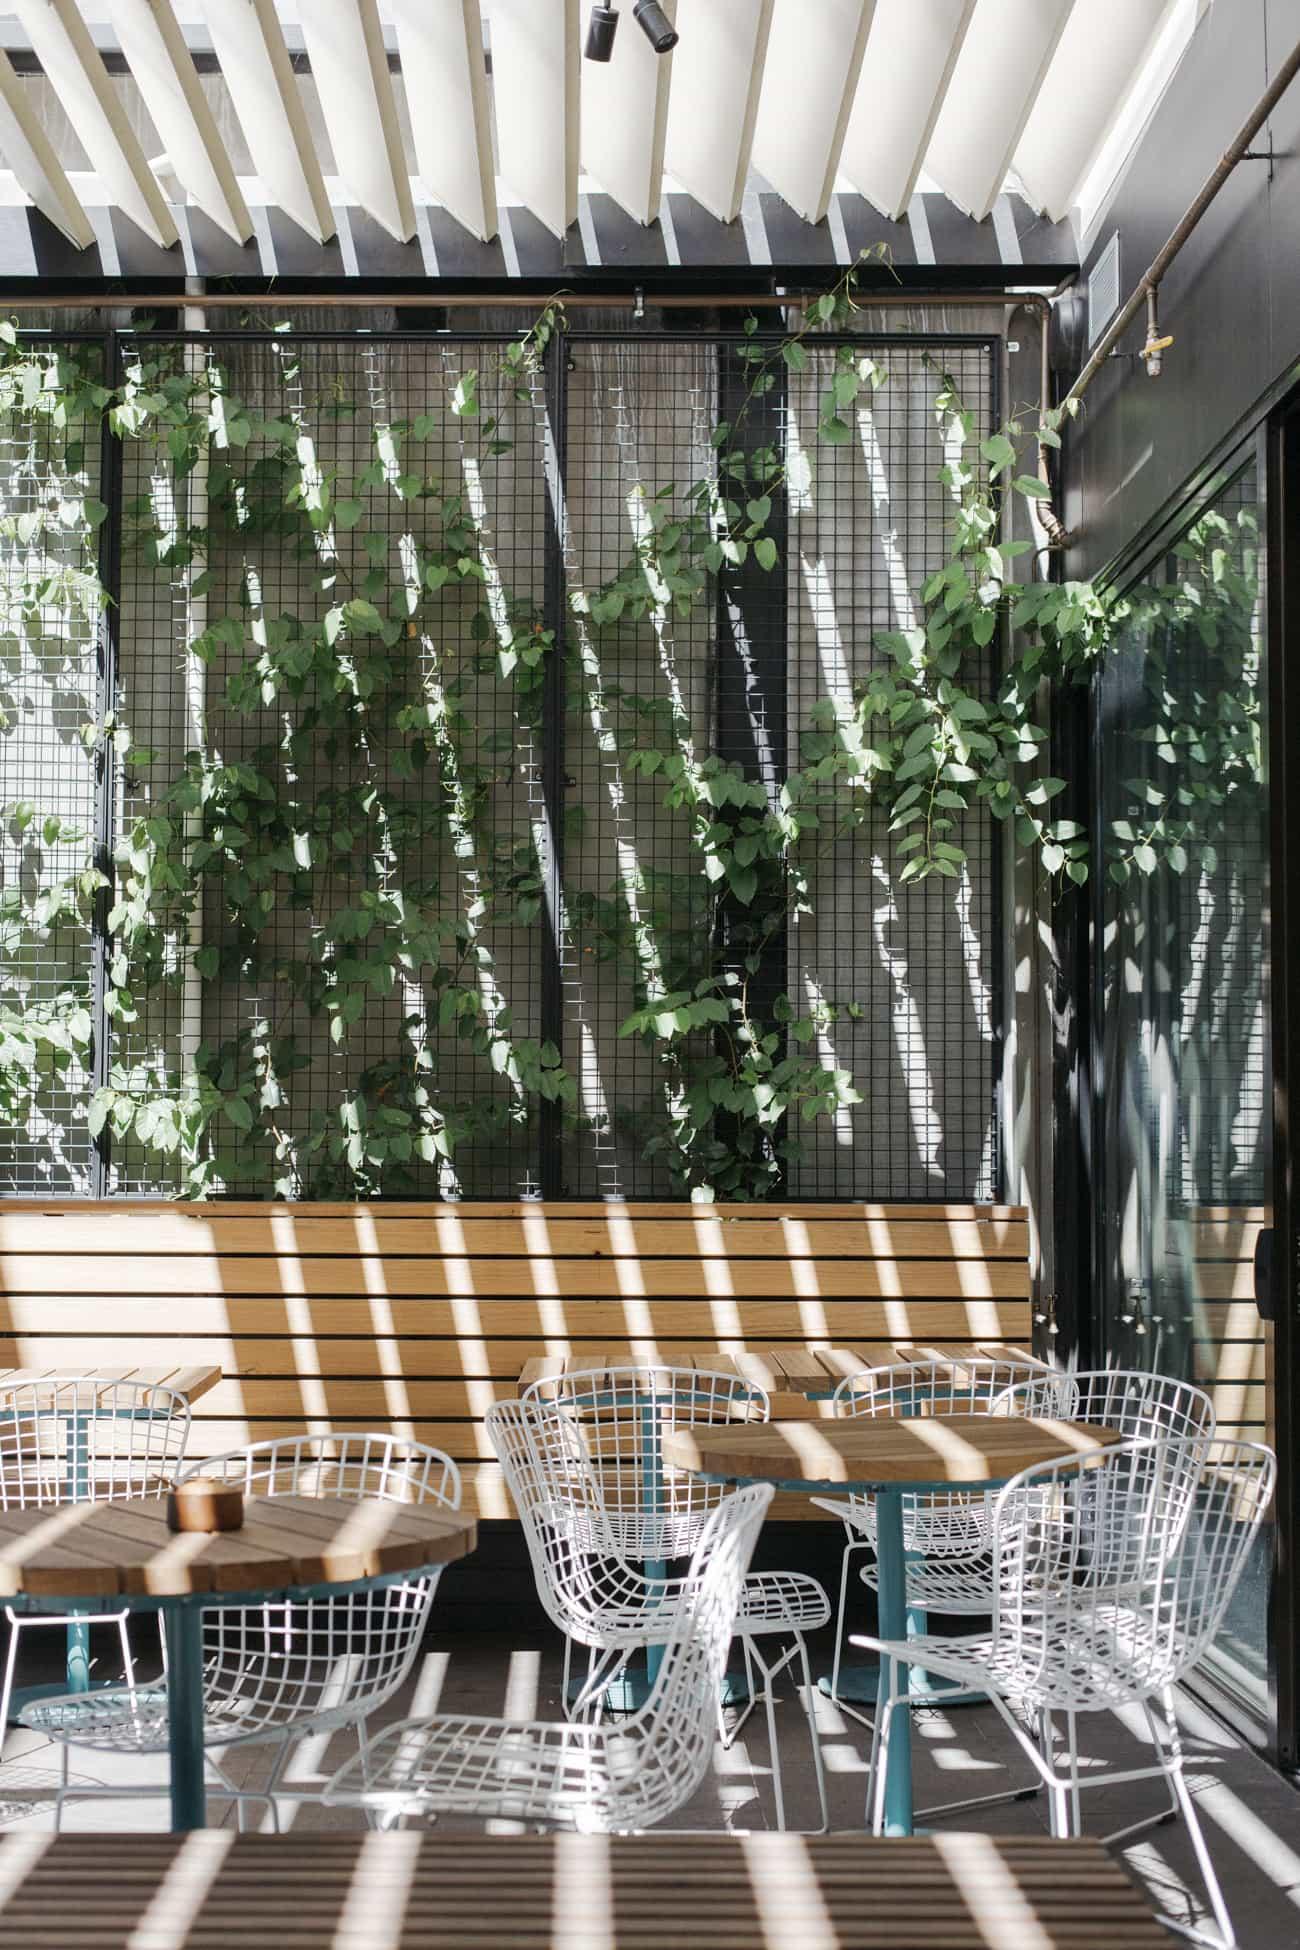 Kinlake-Melbourne-Australia-City-Lifestyle-2-8044